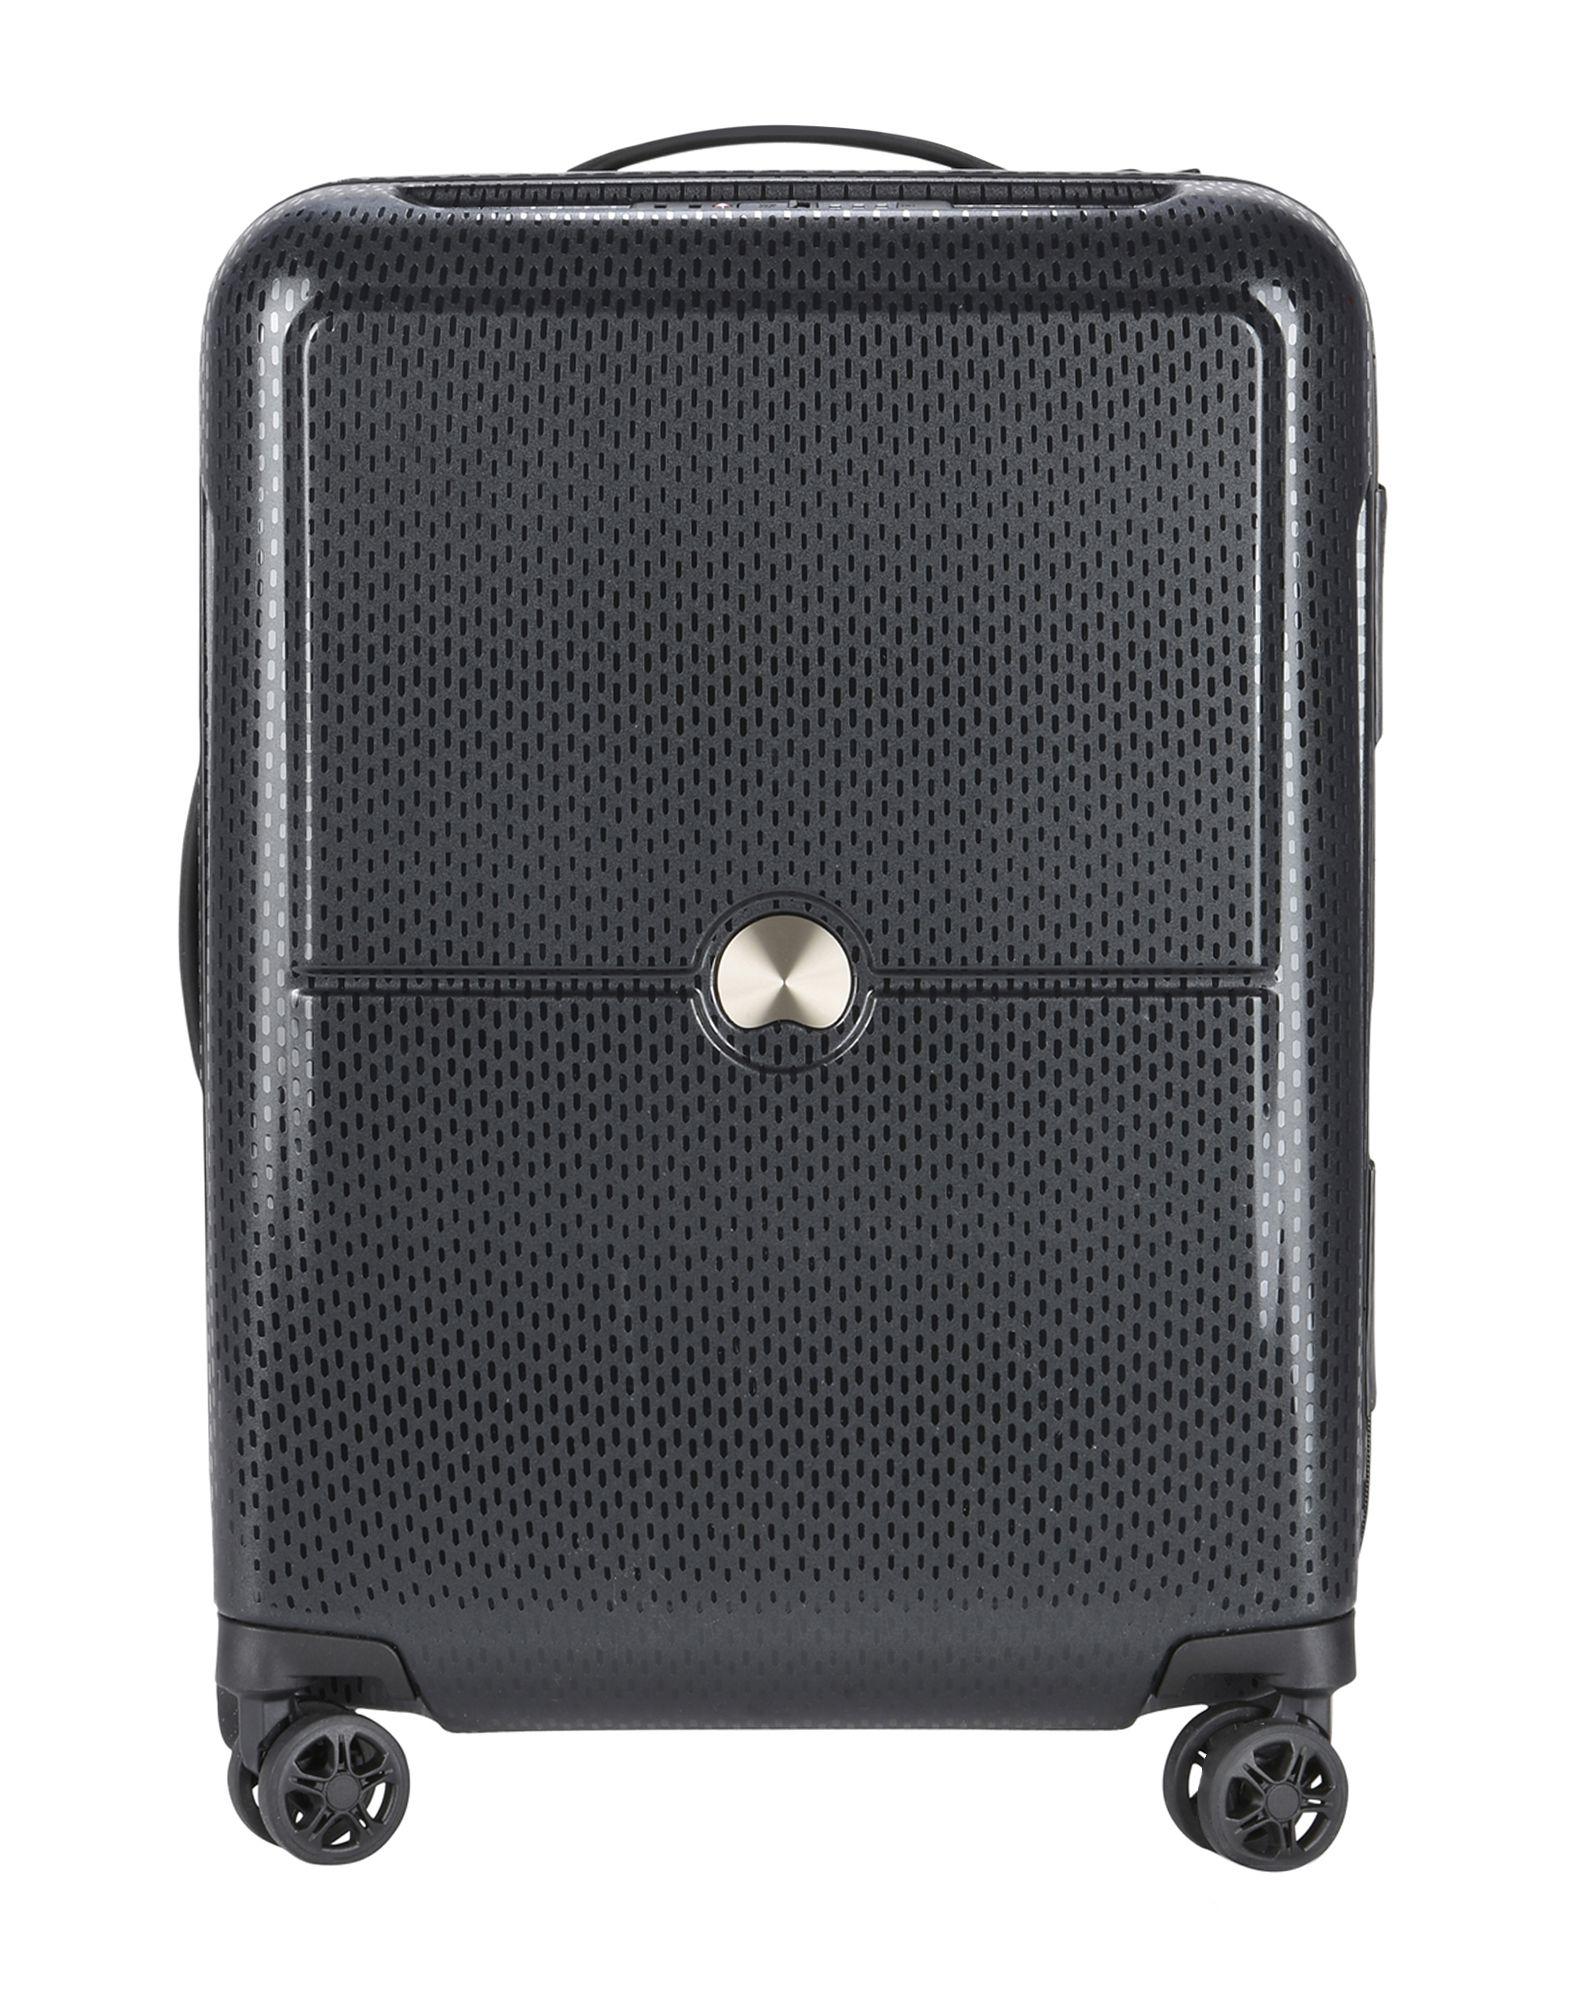 DELSEY Чемодан/сумка на колесиках купить чемодан маленький облегченный на колесиках недорого